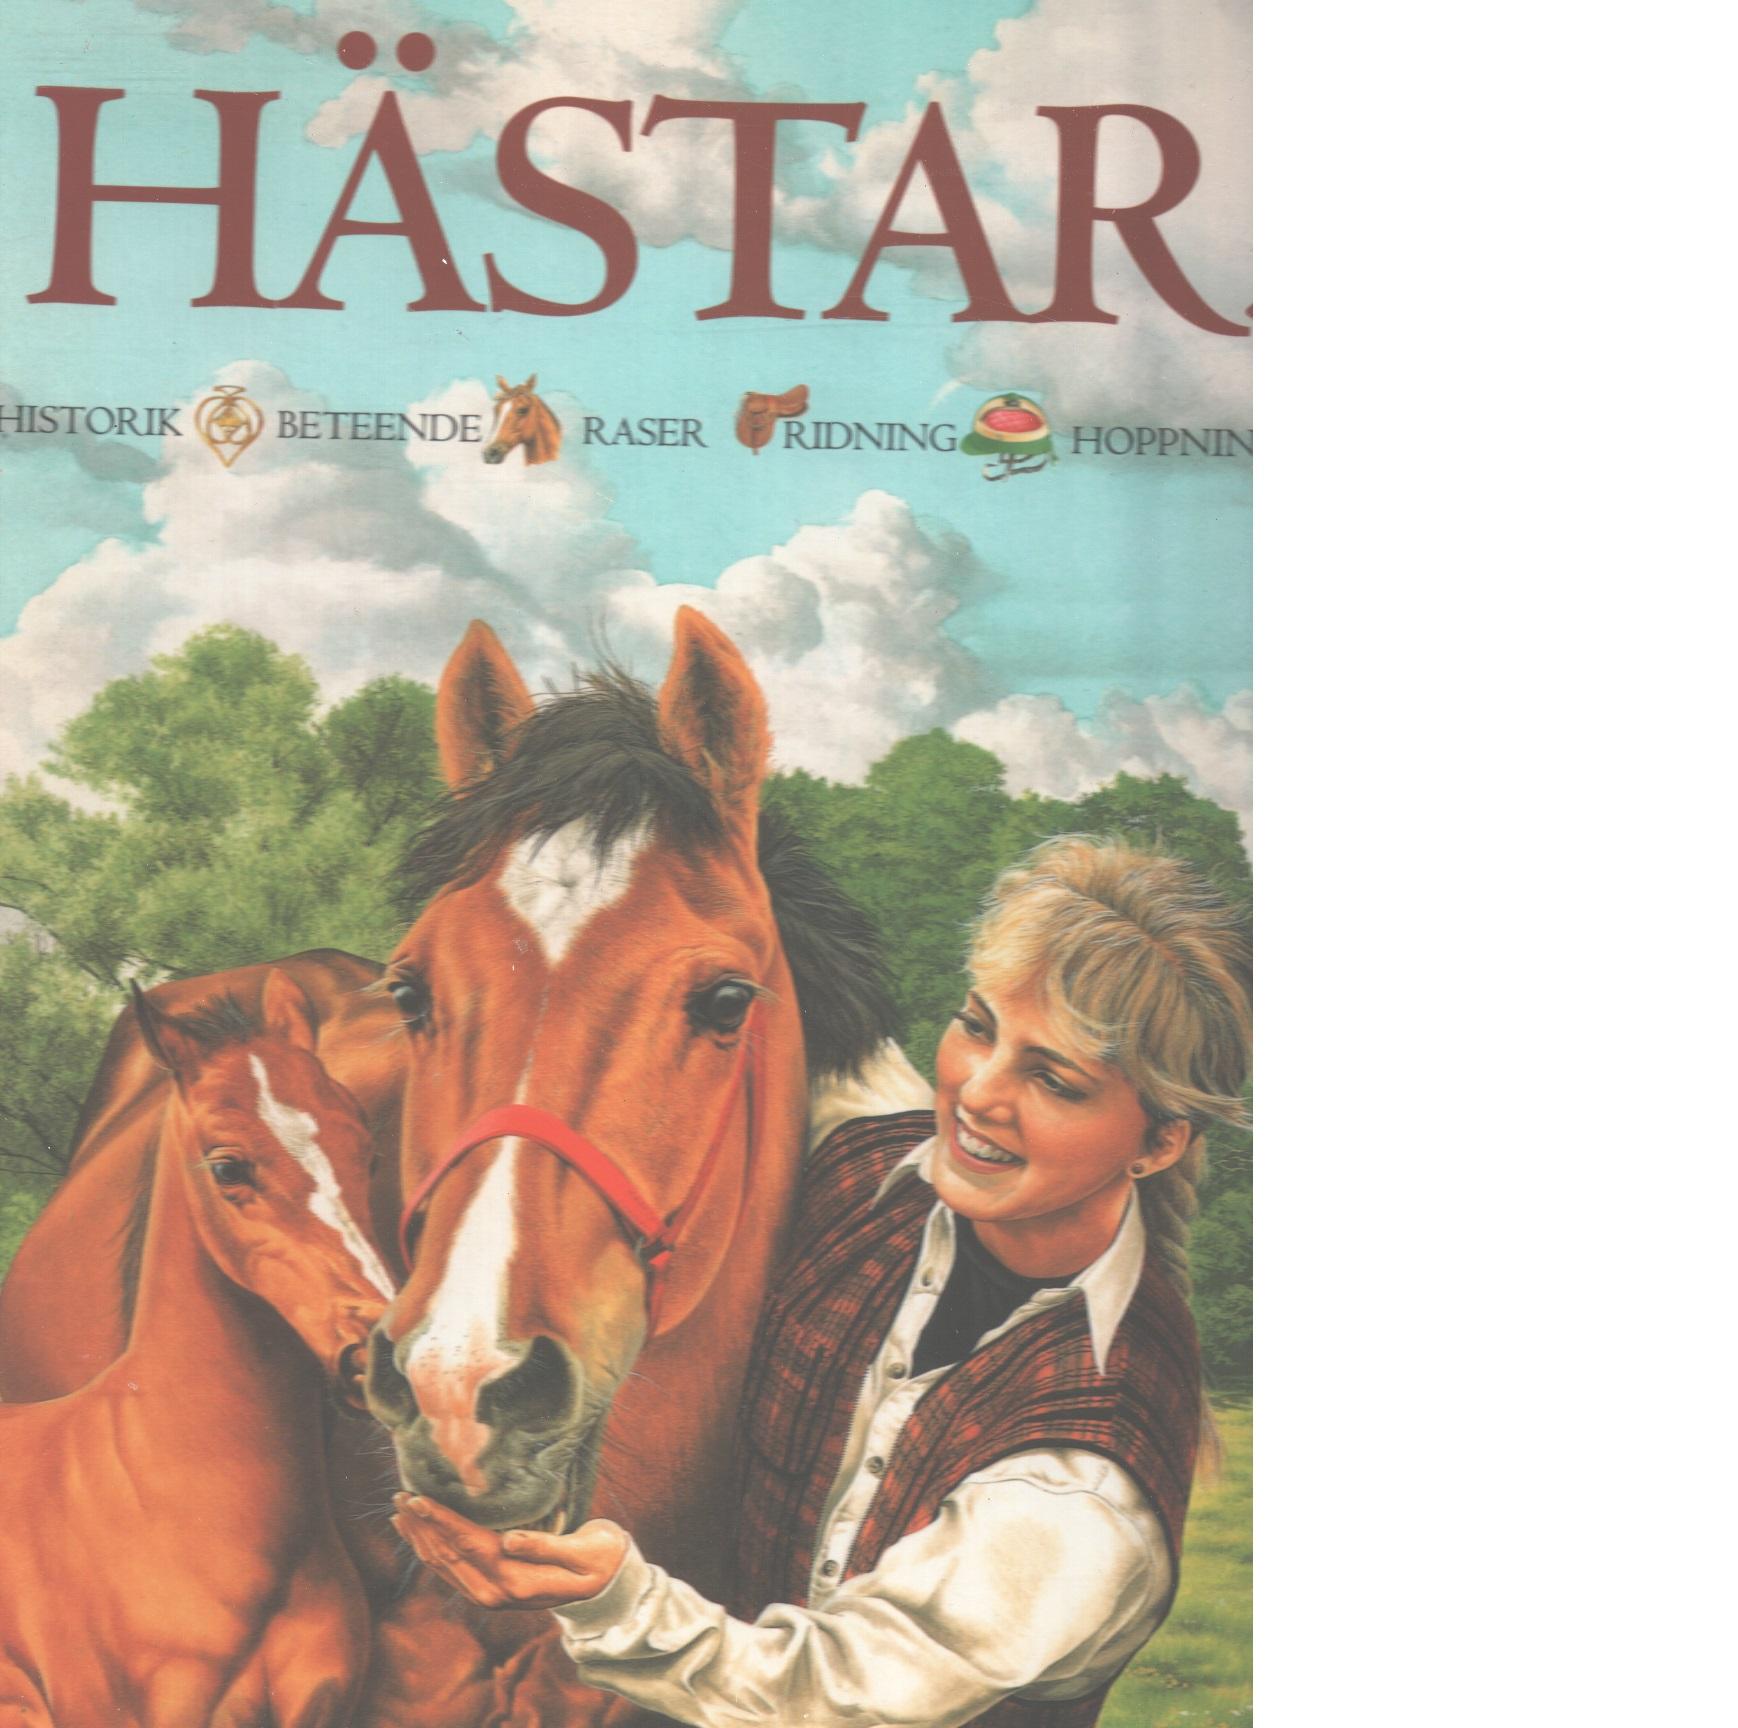 Hästar! : [historik, beteende, raser, ridning, hoppning - Budd, Jackie